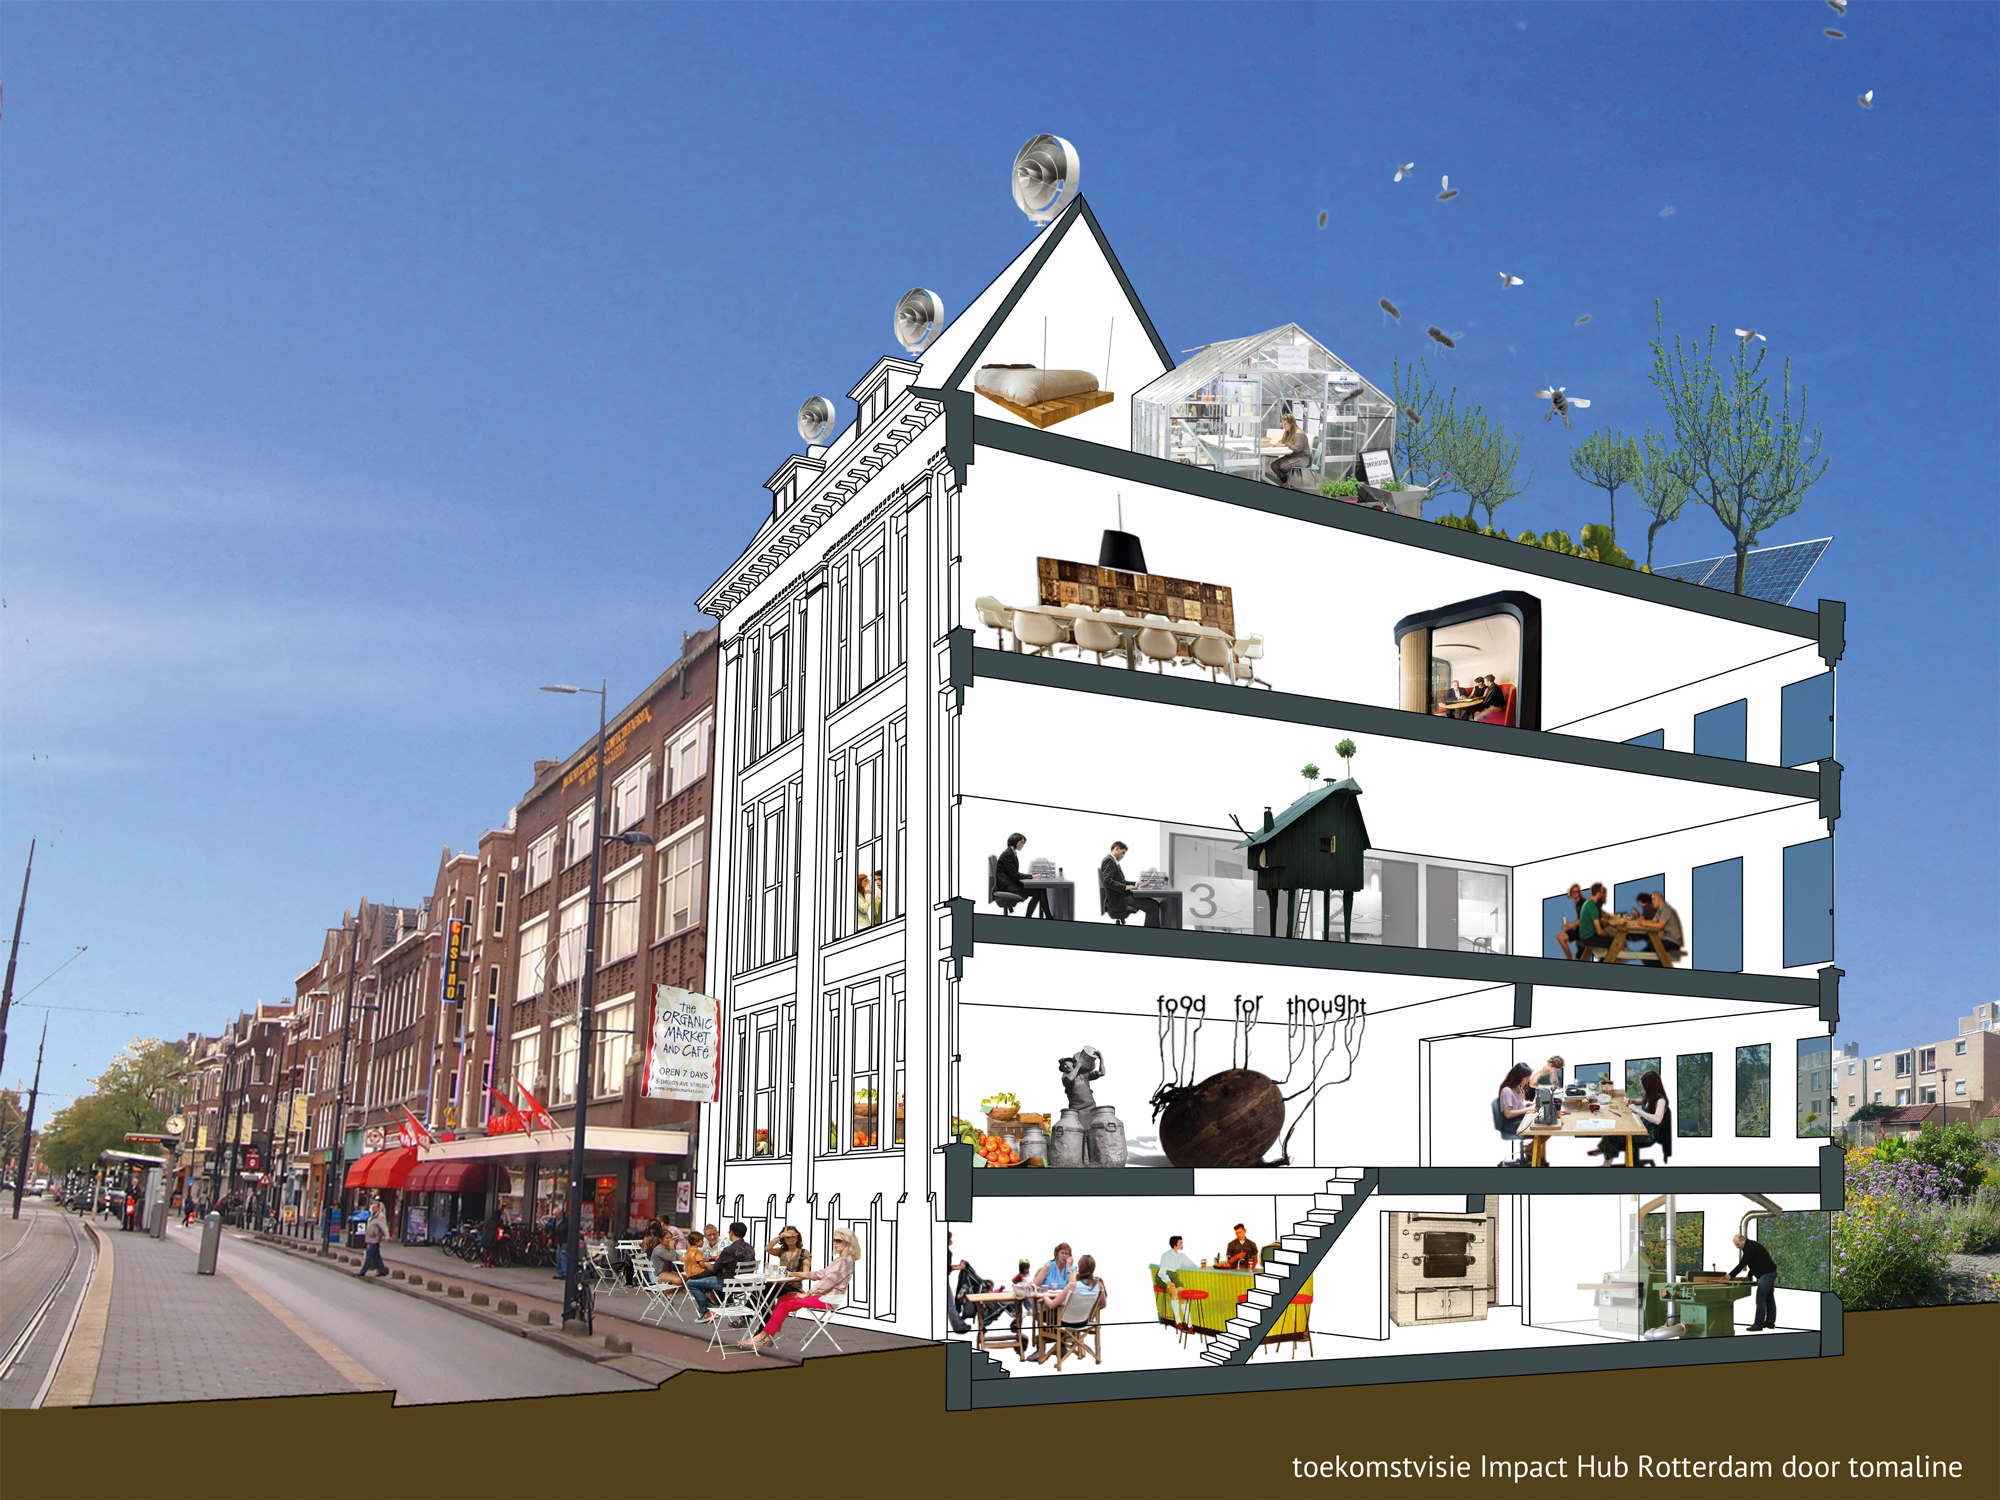 toekomstvisie Impact HUB Rotterdam